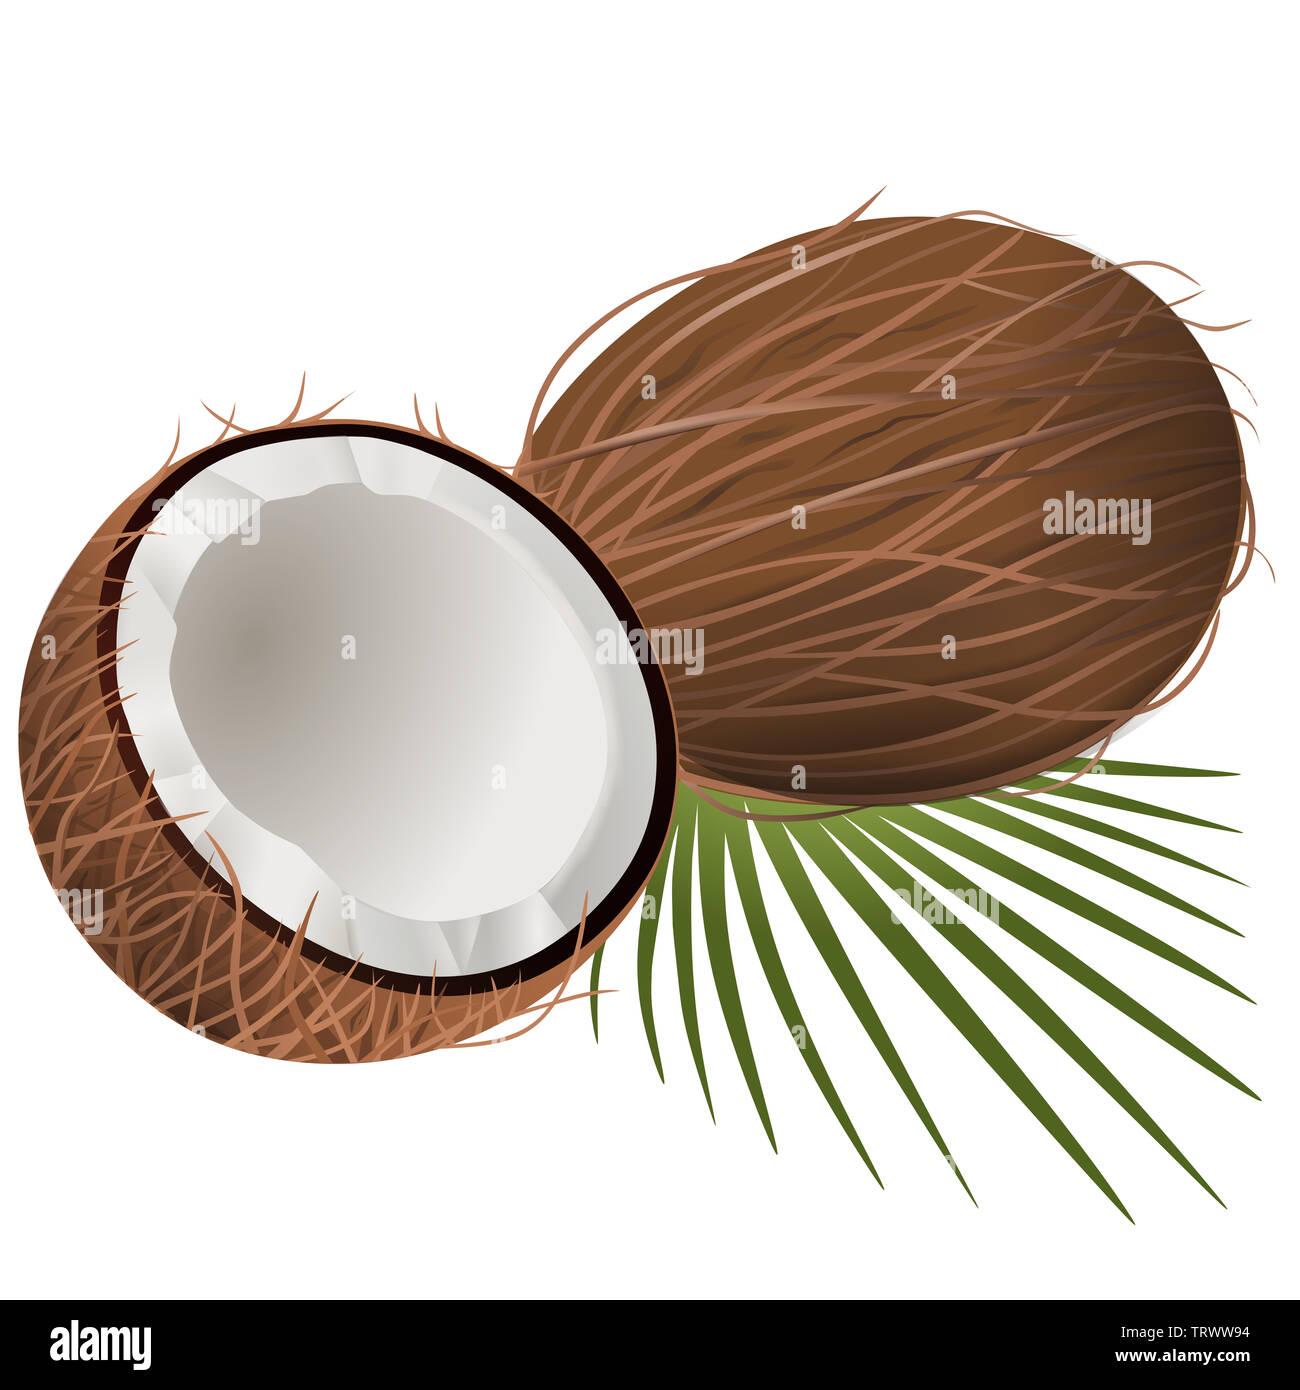 coconut illustration on white background - Stock Image